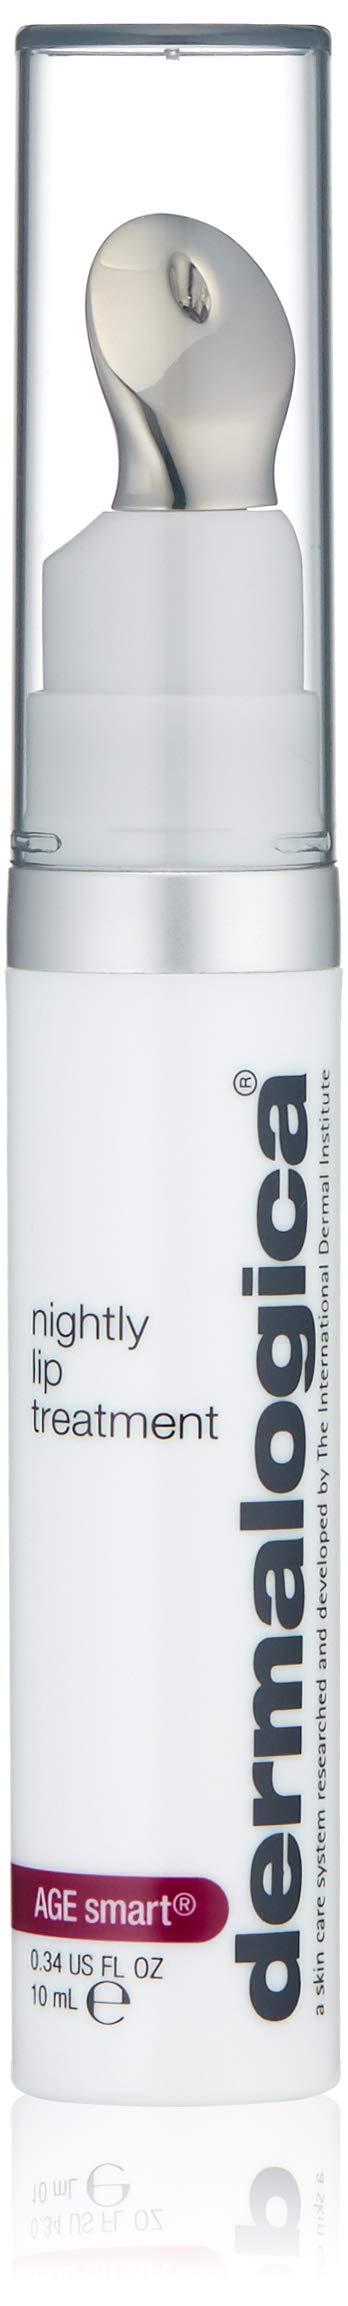 Dermalogica Age Smart Nightly Lip Treatment, 0.34 Fl Oz by DERMALOGICA